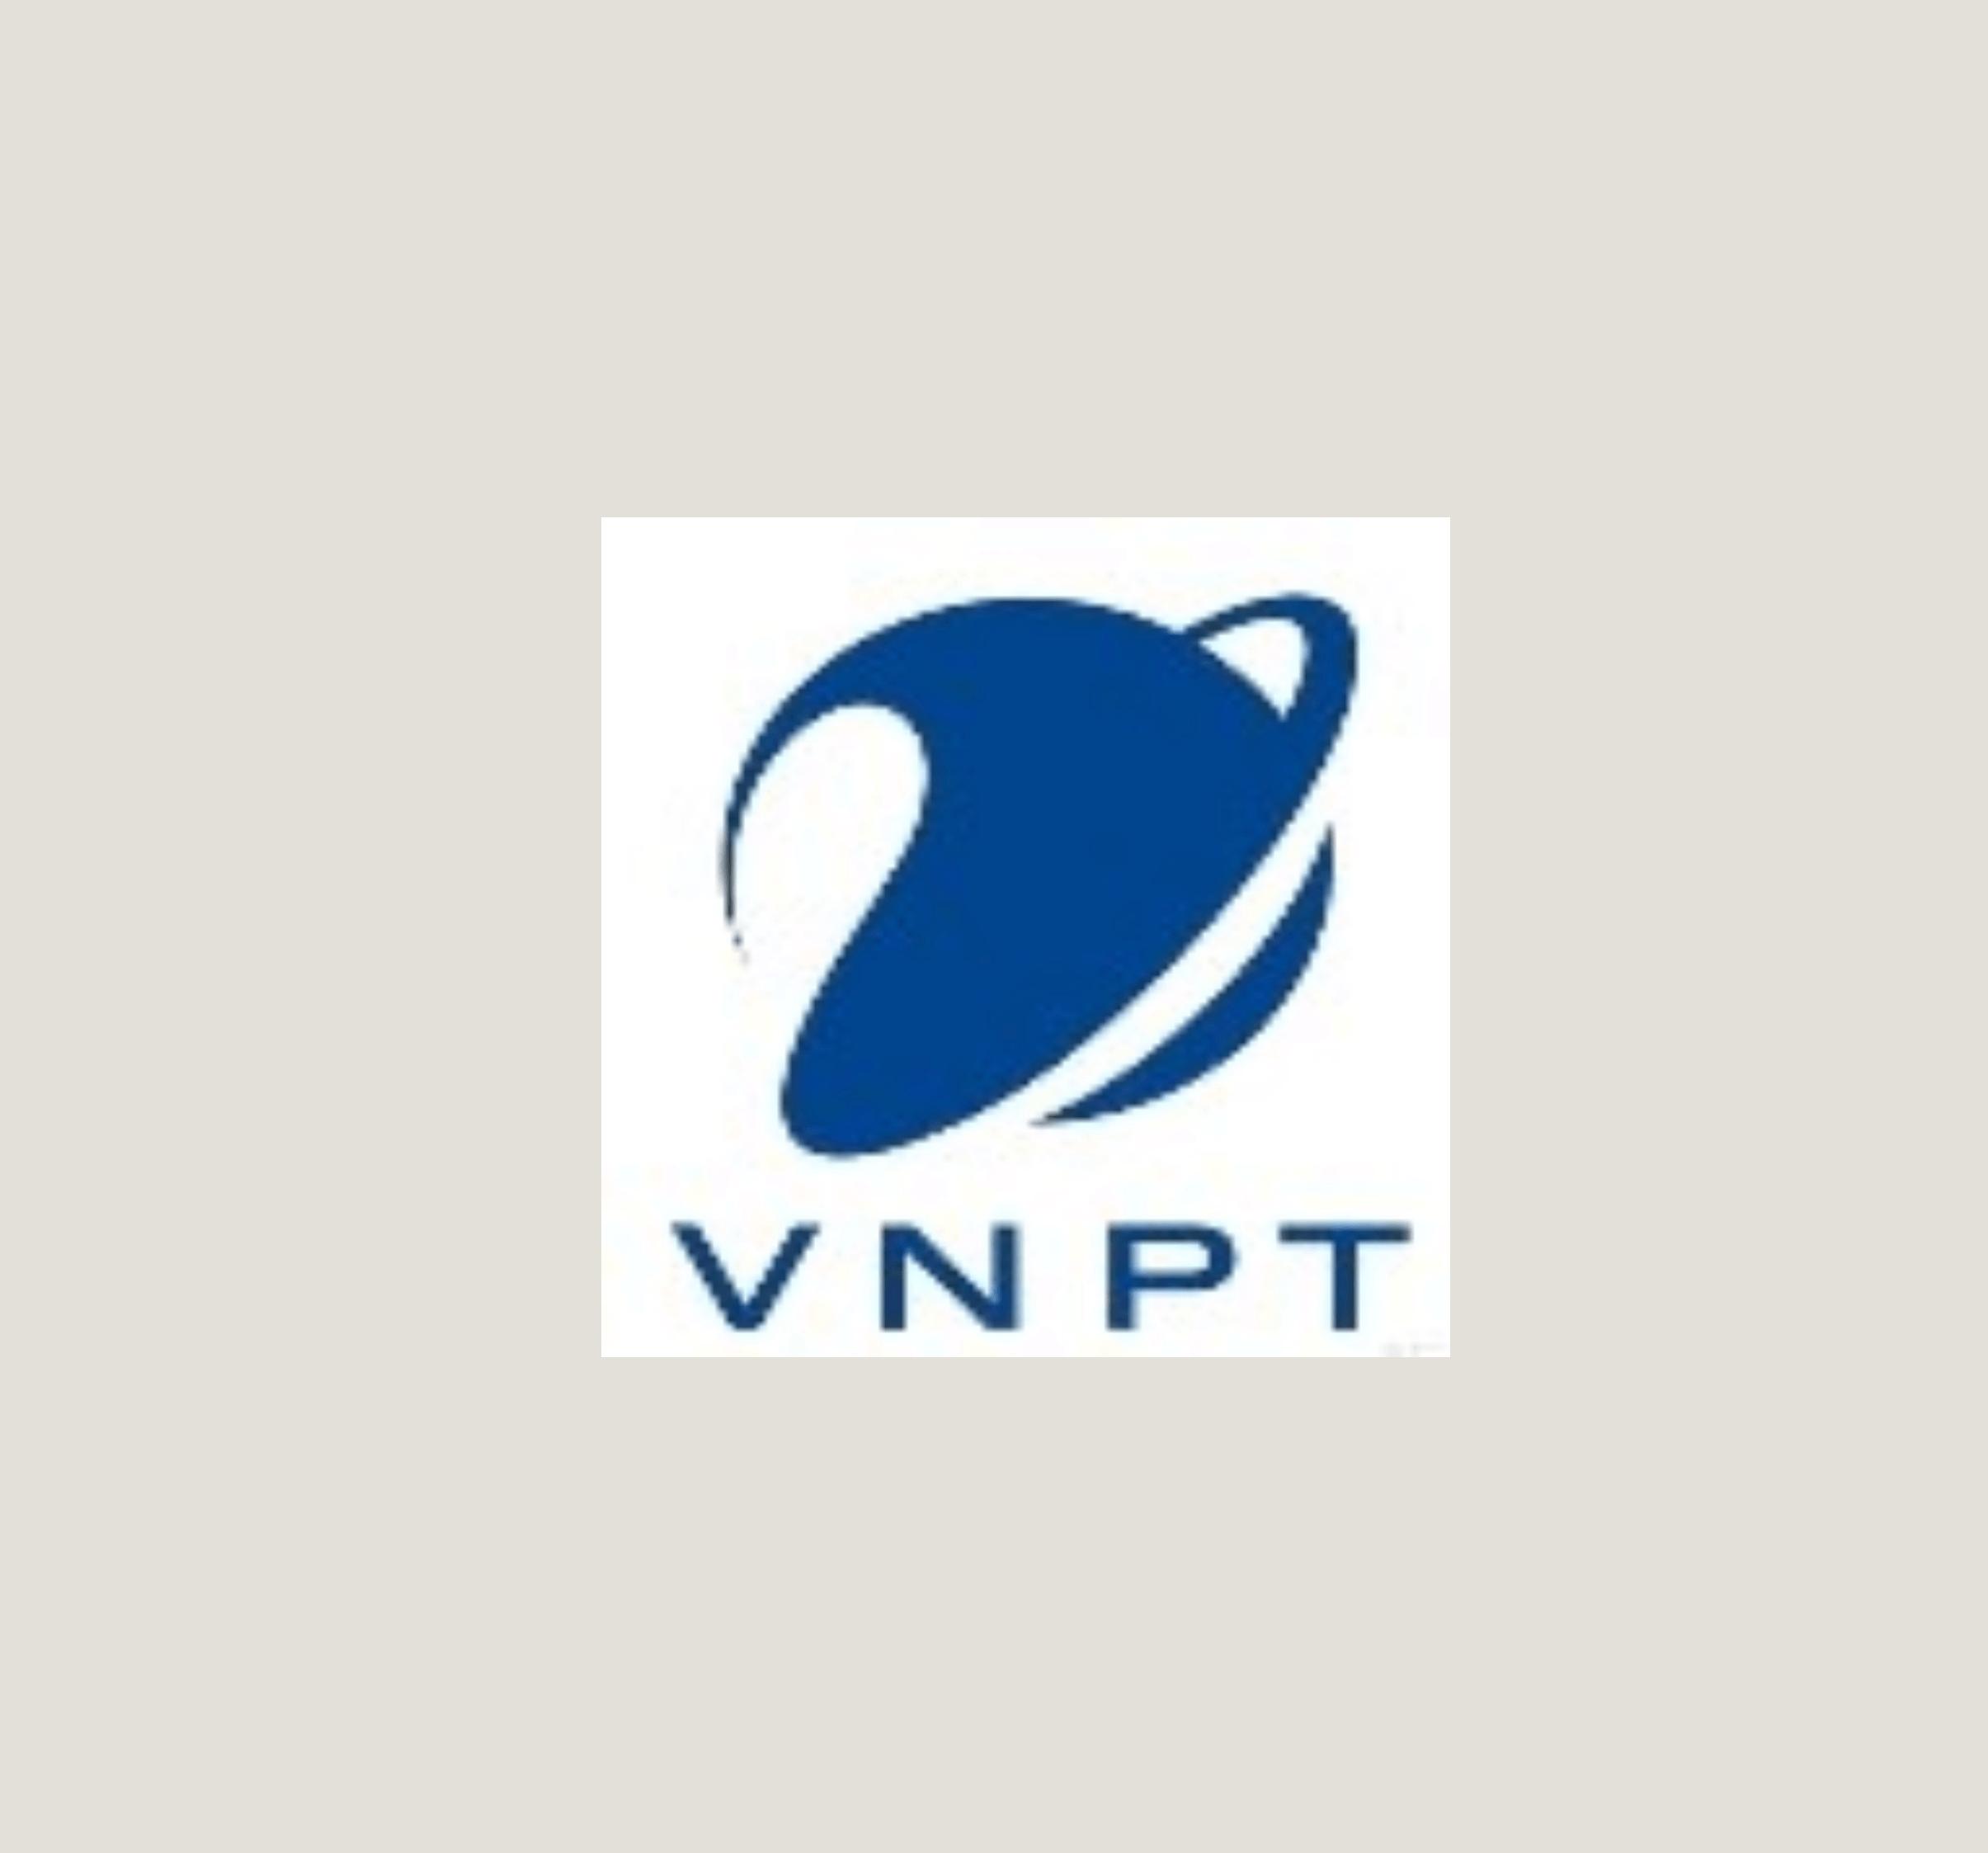 VNPT Logo